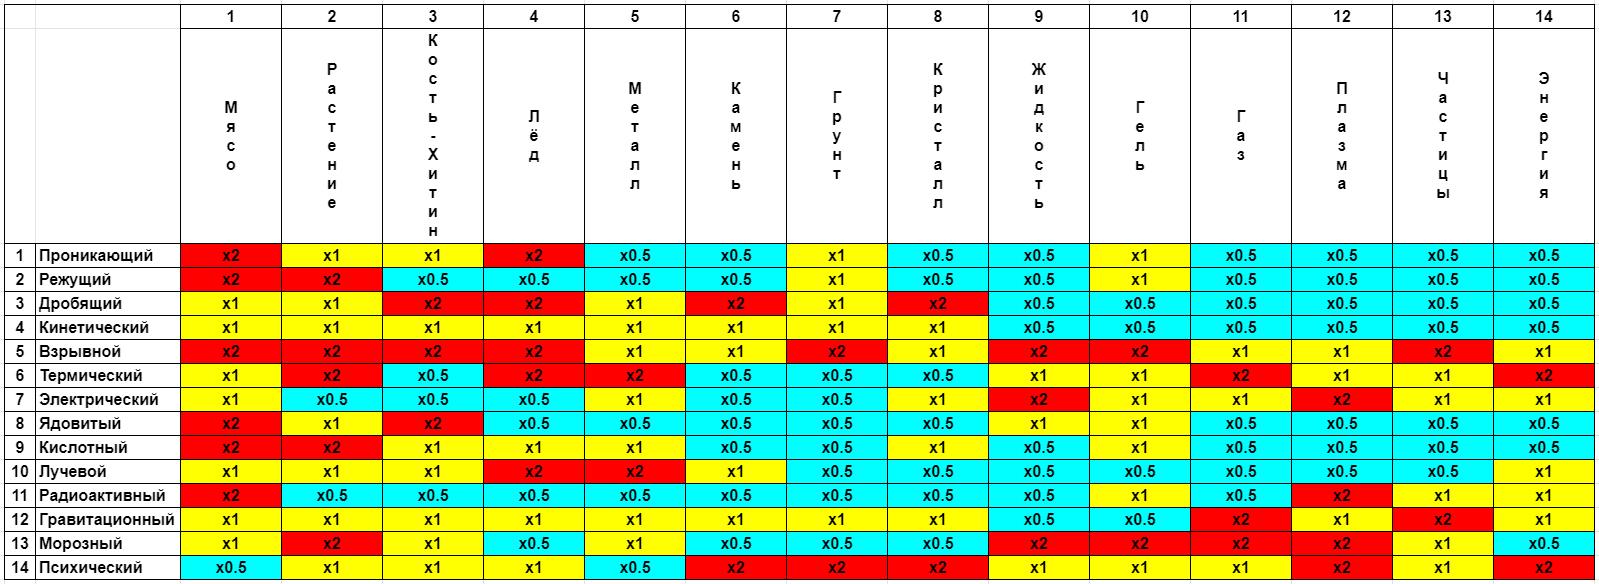 Таблица урона   Deathbring Rangers - Тактическая Пошаговая Коллекционная Стратегия в духе JRpg.